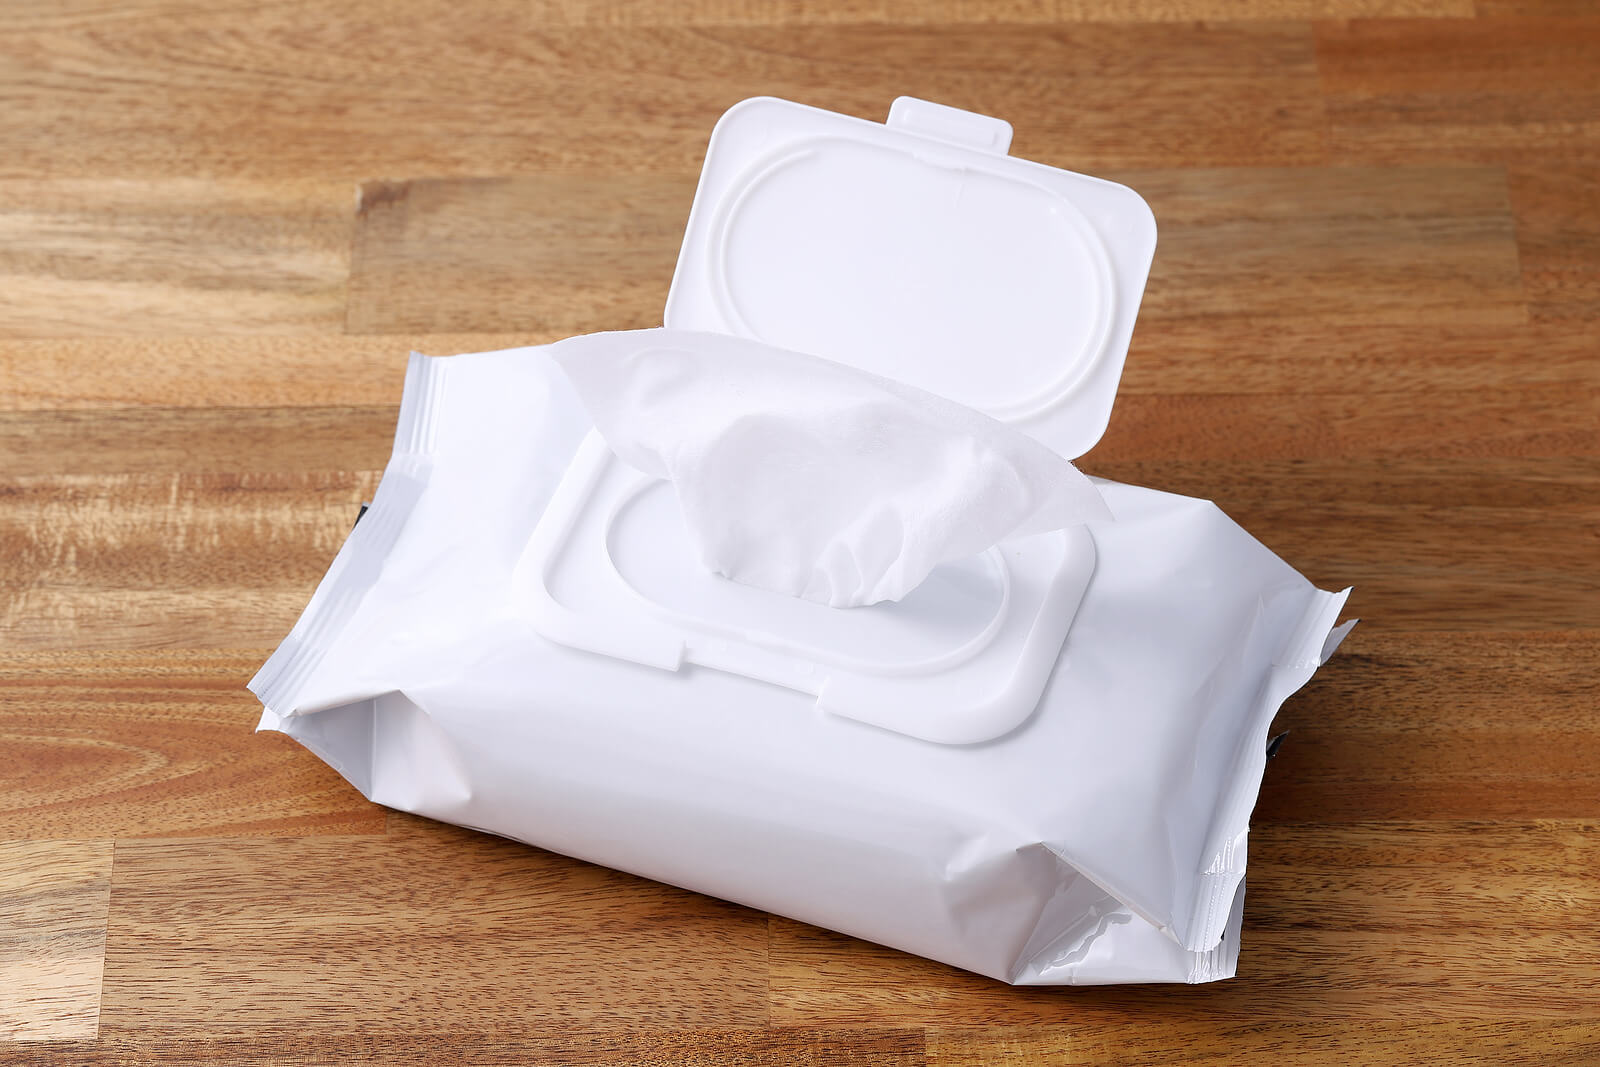 En caso de no disponer de un baño, las toallitas higiénicas suponen una herramienta de higiene adecuada.